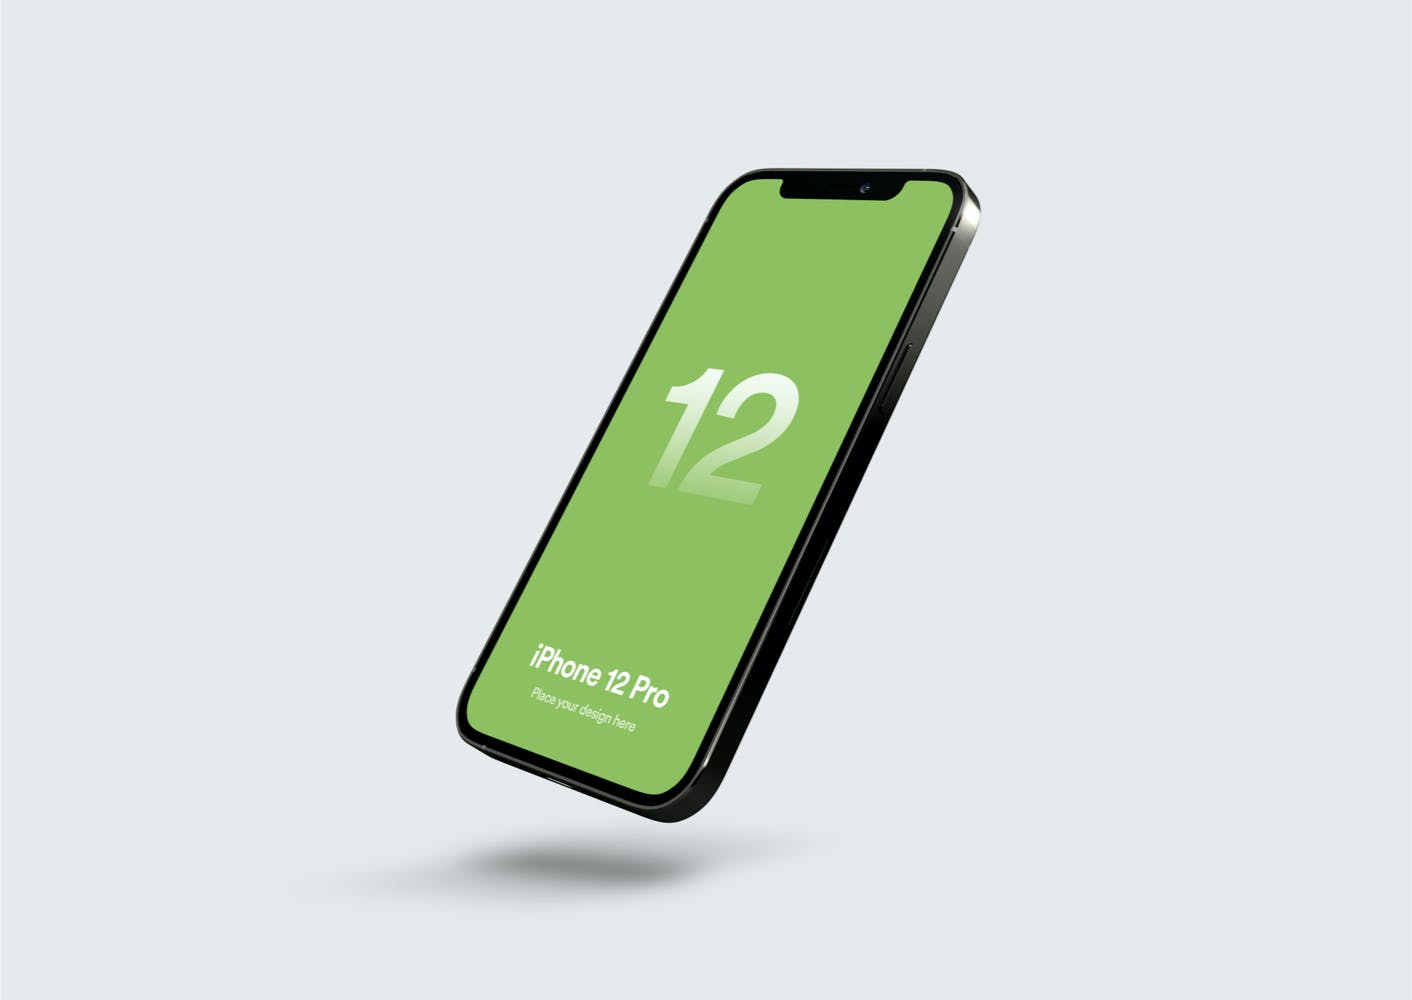 移动应用程序设计苹果iPhone 12 Pro屏幕演示样机 iPhone 12 Pro Mockup – Vol 02插图1